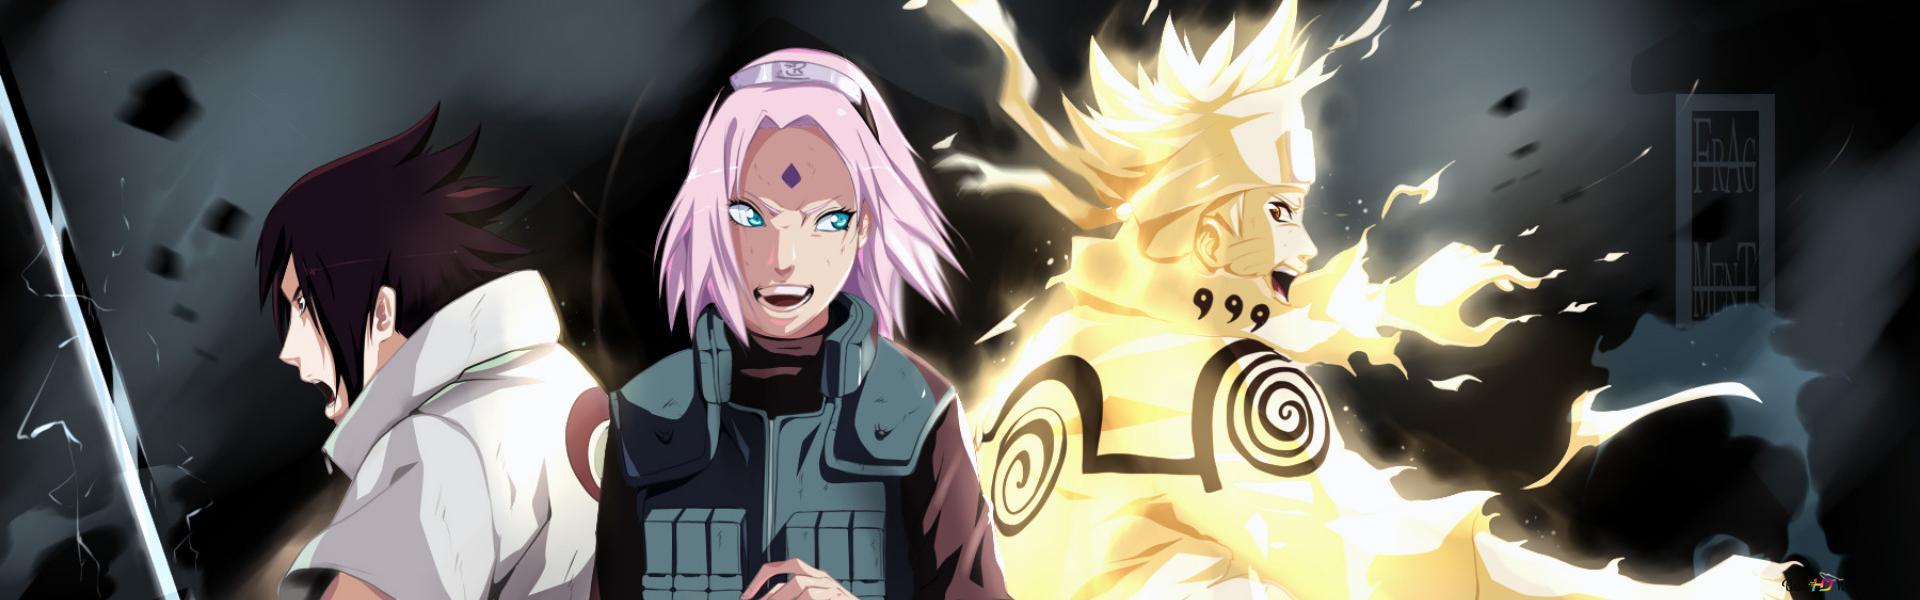 Naruto Shippuden Team 7 Leaf Shinobi Hd Wallpaper Download